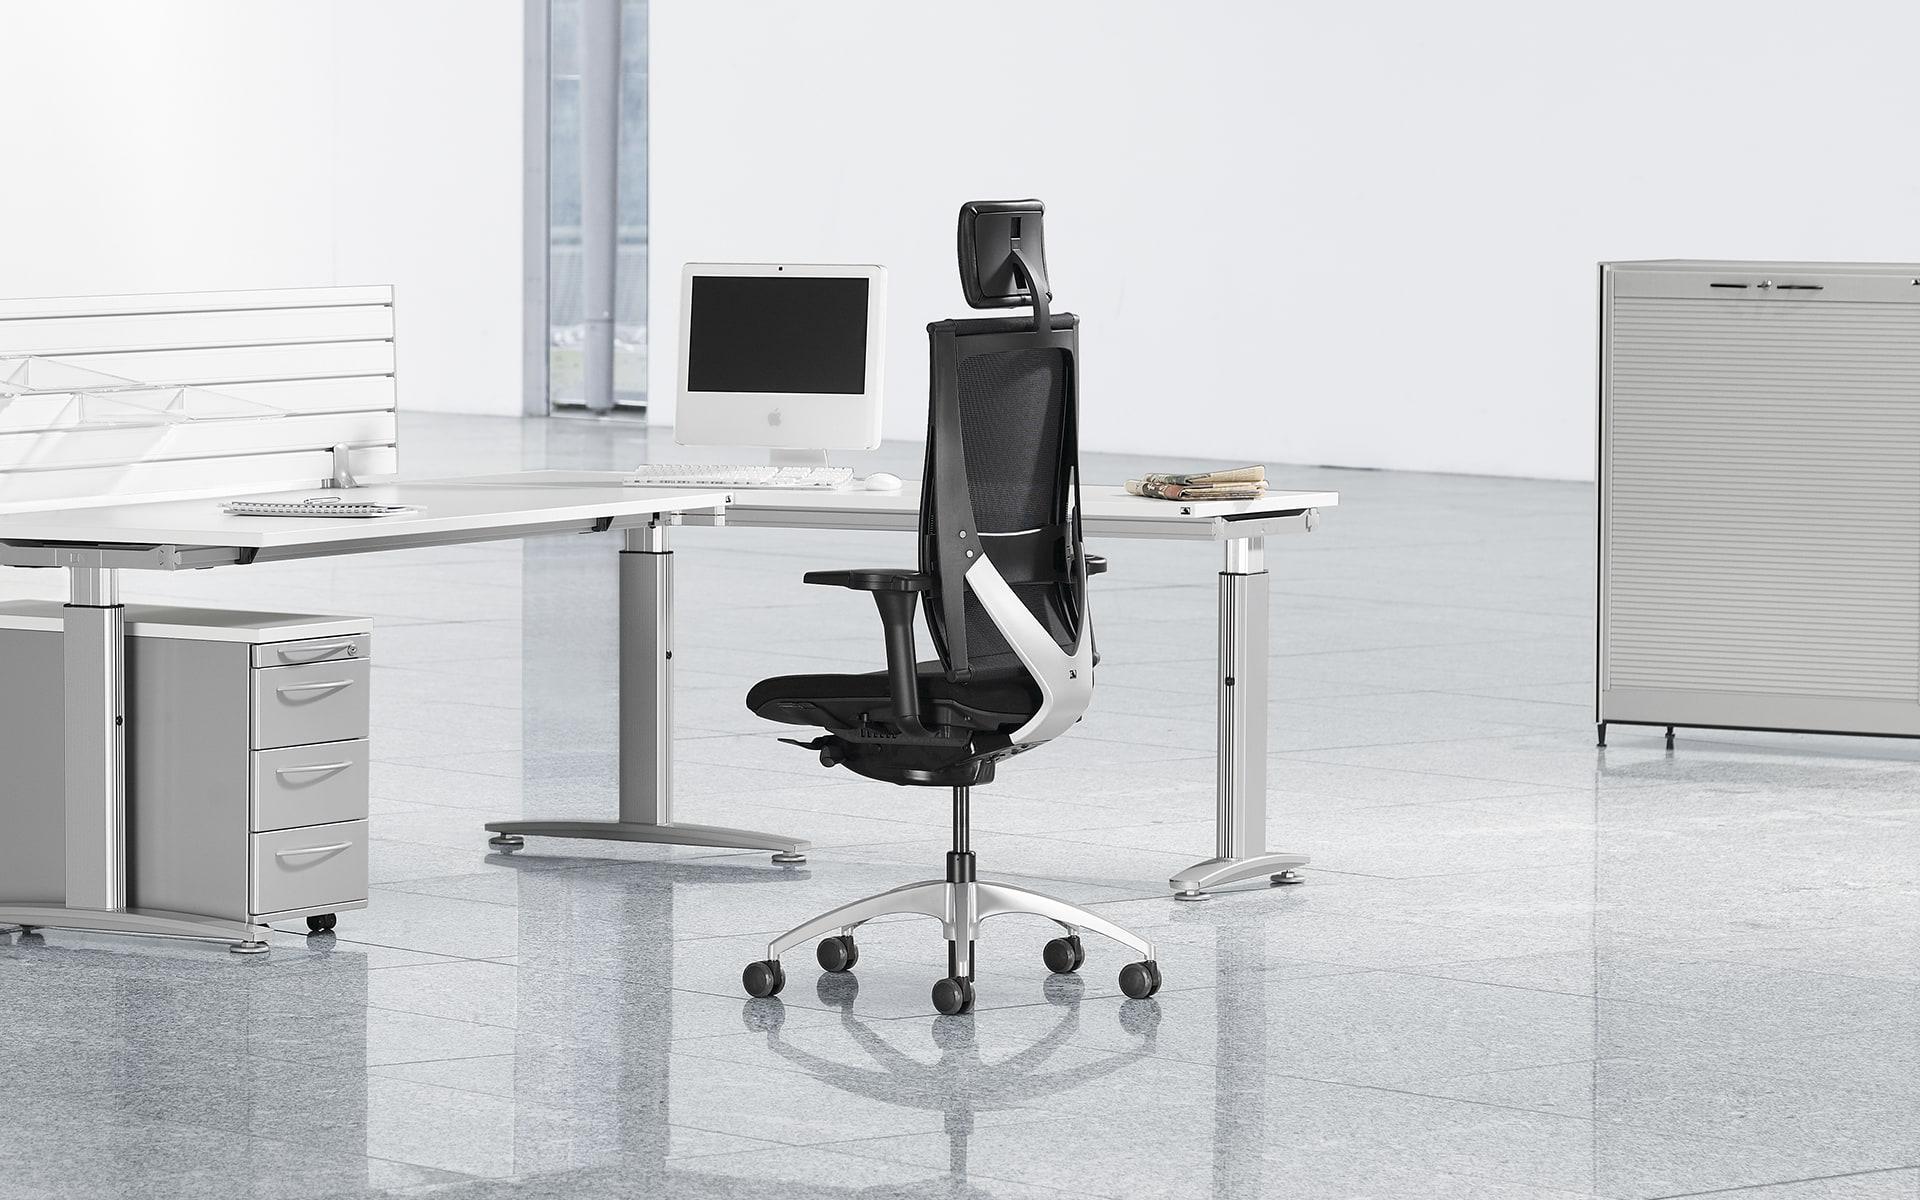 Schwarzer K+N Okay Bürostuhl von ITO Design in weissem, minimalistischen Büro